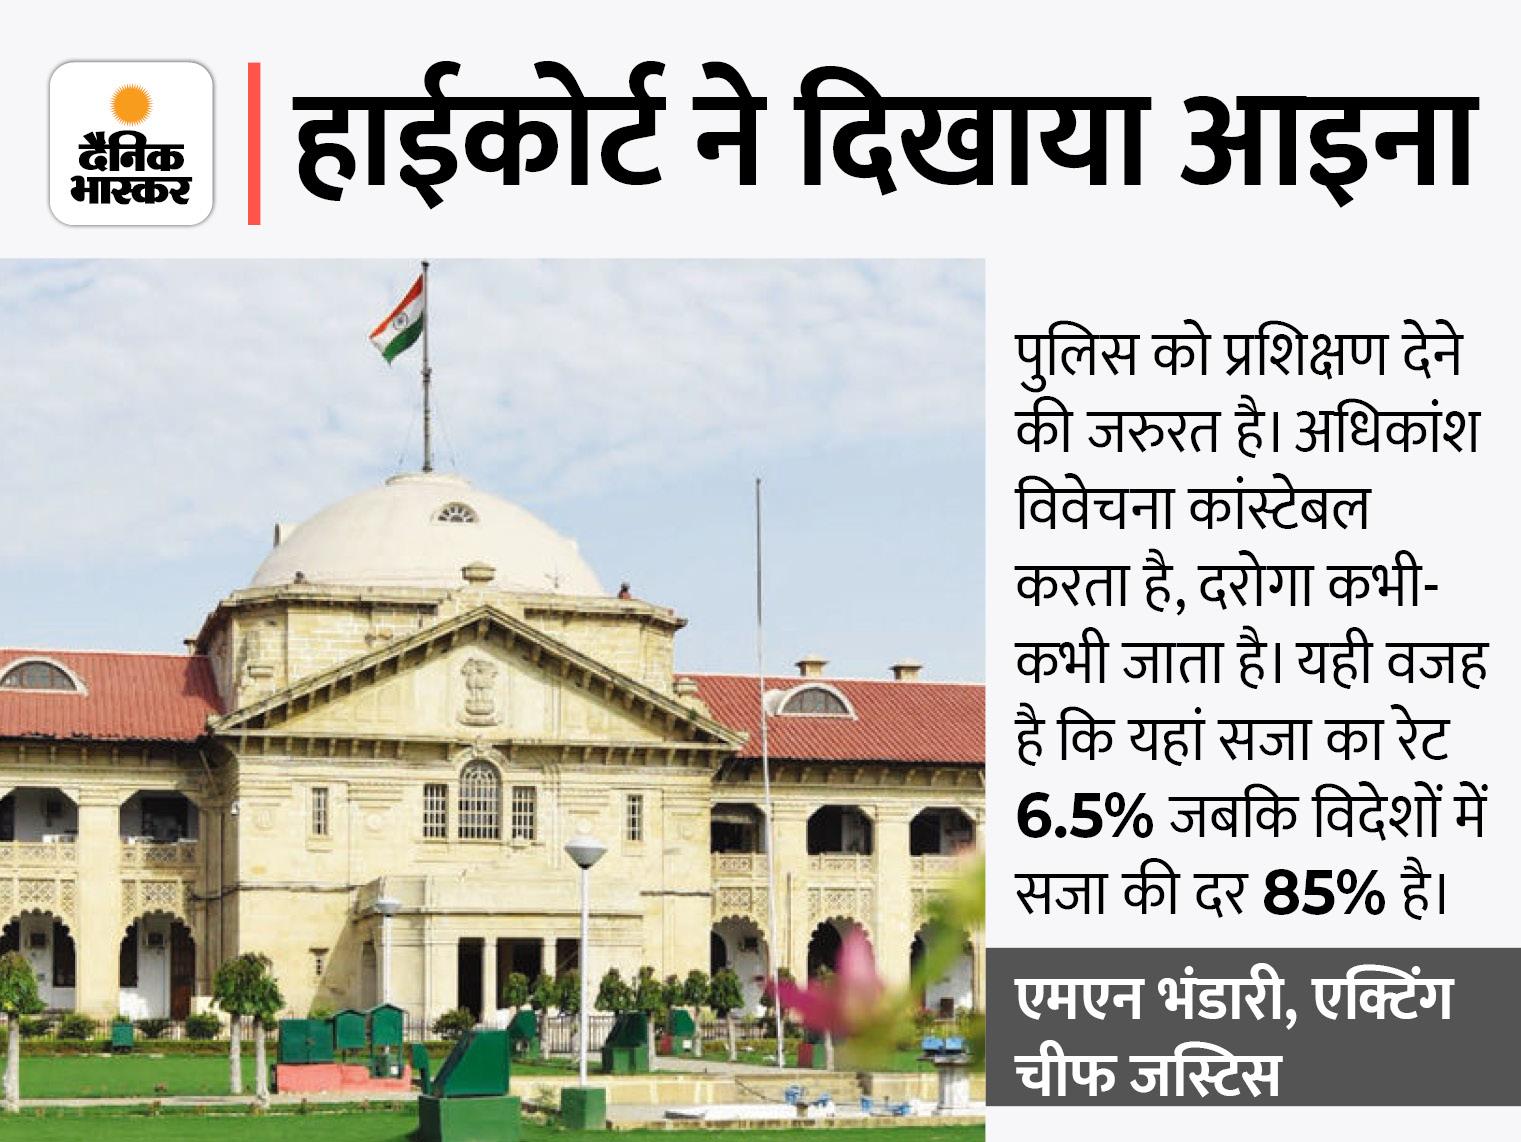 मुकुल गोयल ने हाईकोर्ट में मैनपुरी के ASP और CO के निलंबन का ब्यौरा पेश किया; दो माह में निष्पक्ष जांच की रिपोर्ट तलब|उत्तरप्रदेश,Uttar Pradesh - Dainik Bhaskar